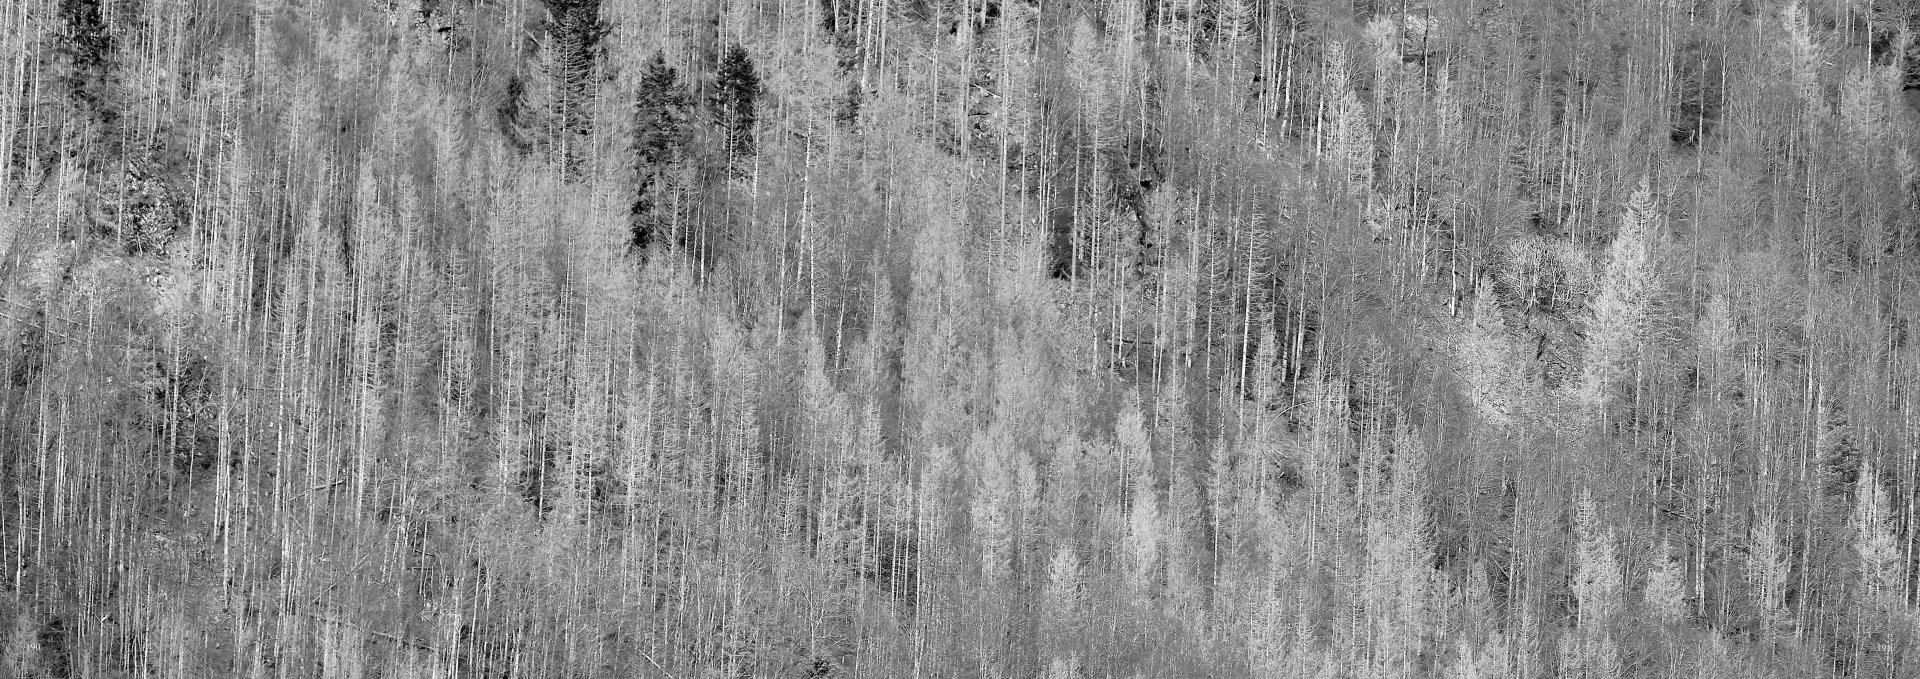 Der Schwarzwald lebt - der Schwarzwald stirbt,Book on demand , Fotografie Achim Käflein, Freiburg